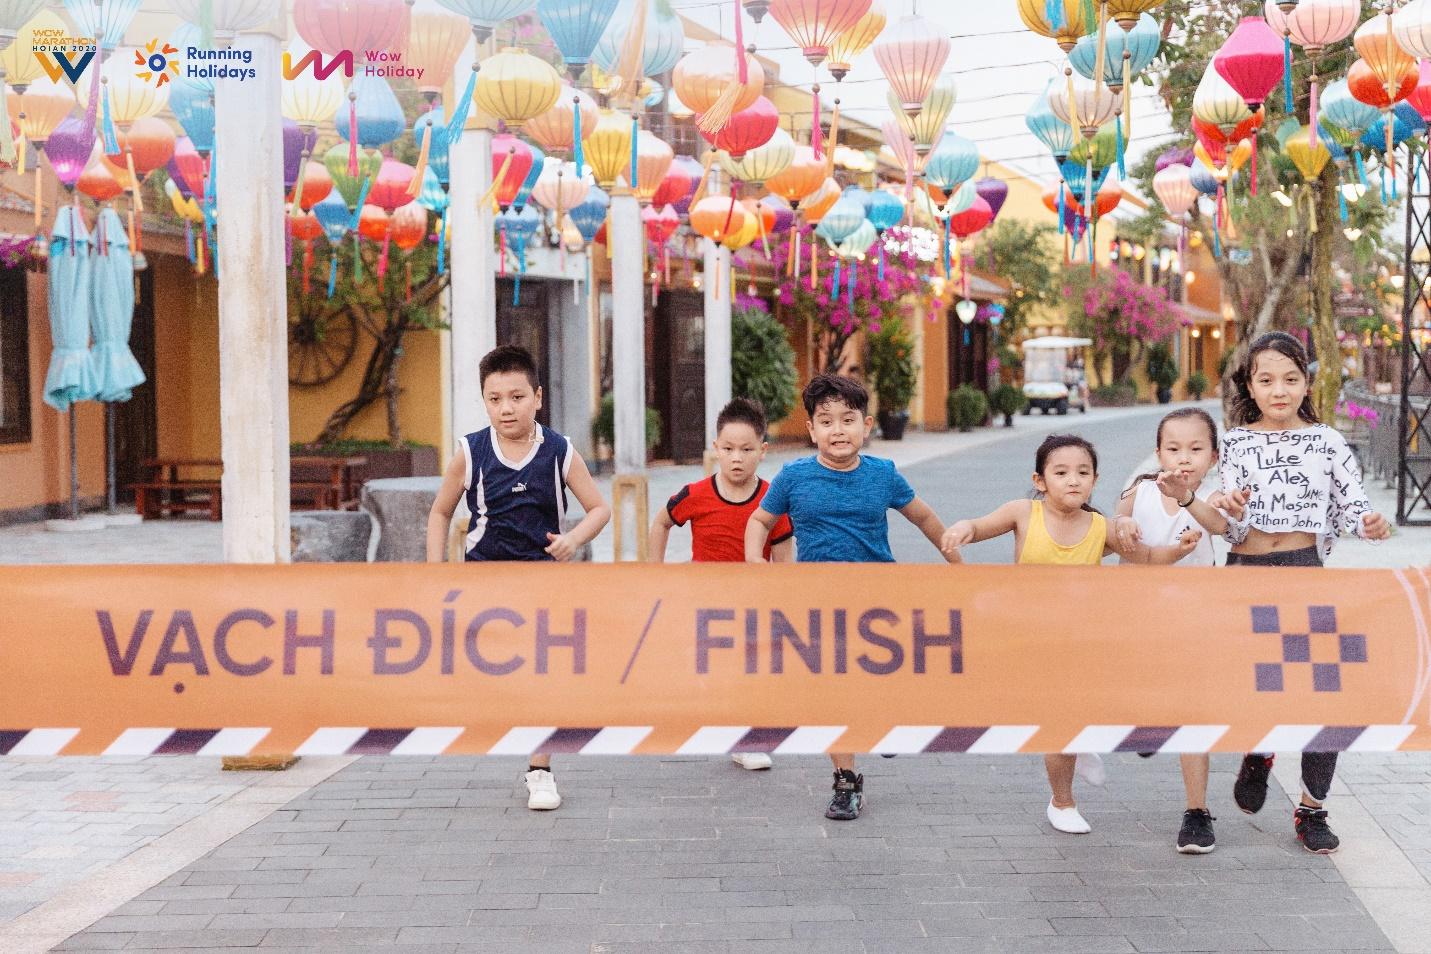 WOW MARATHON HỘI AN 2020: Race for Kids phiên bản đặc biệt trên đường chạy đẹp nhất Hội An - Ảnh 2.